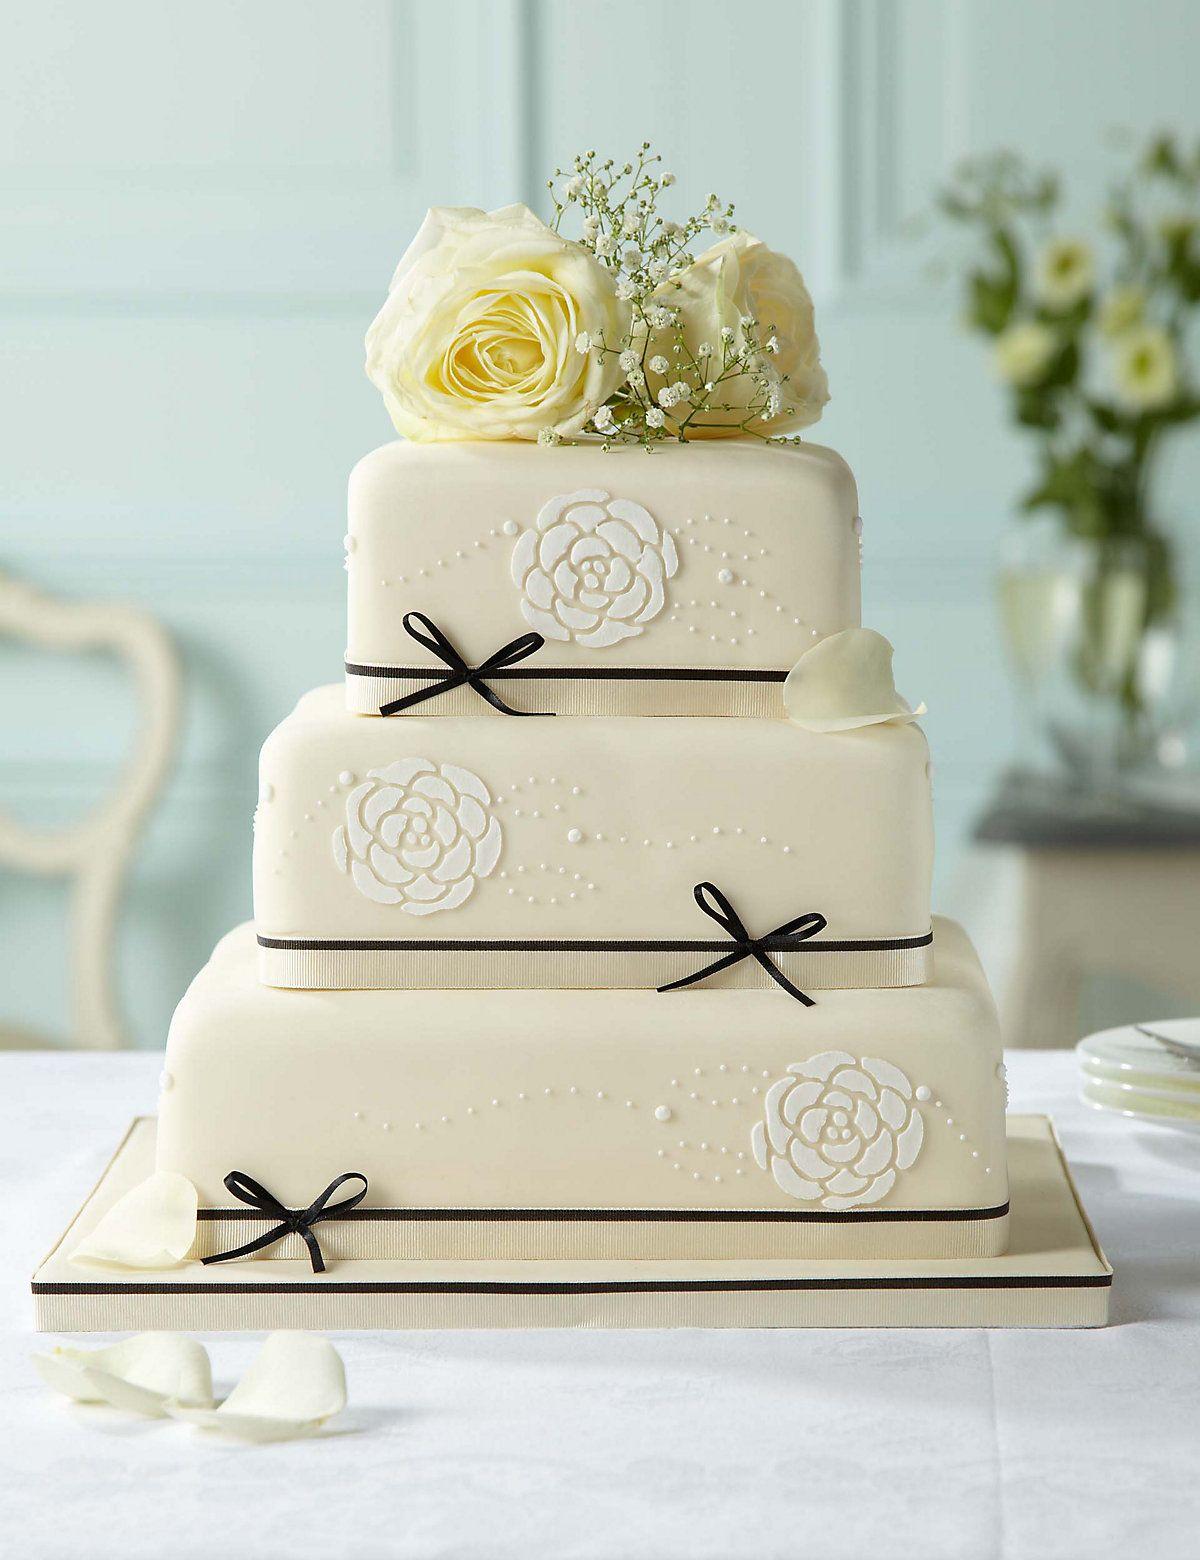 Black & Ivory Assorted Wedding Cake   M&S   wedding cakes ...